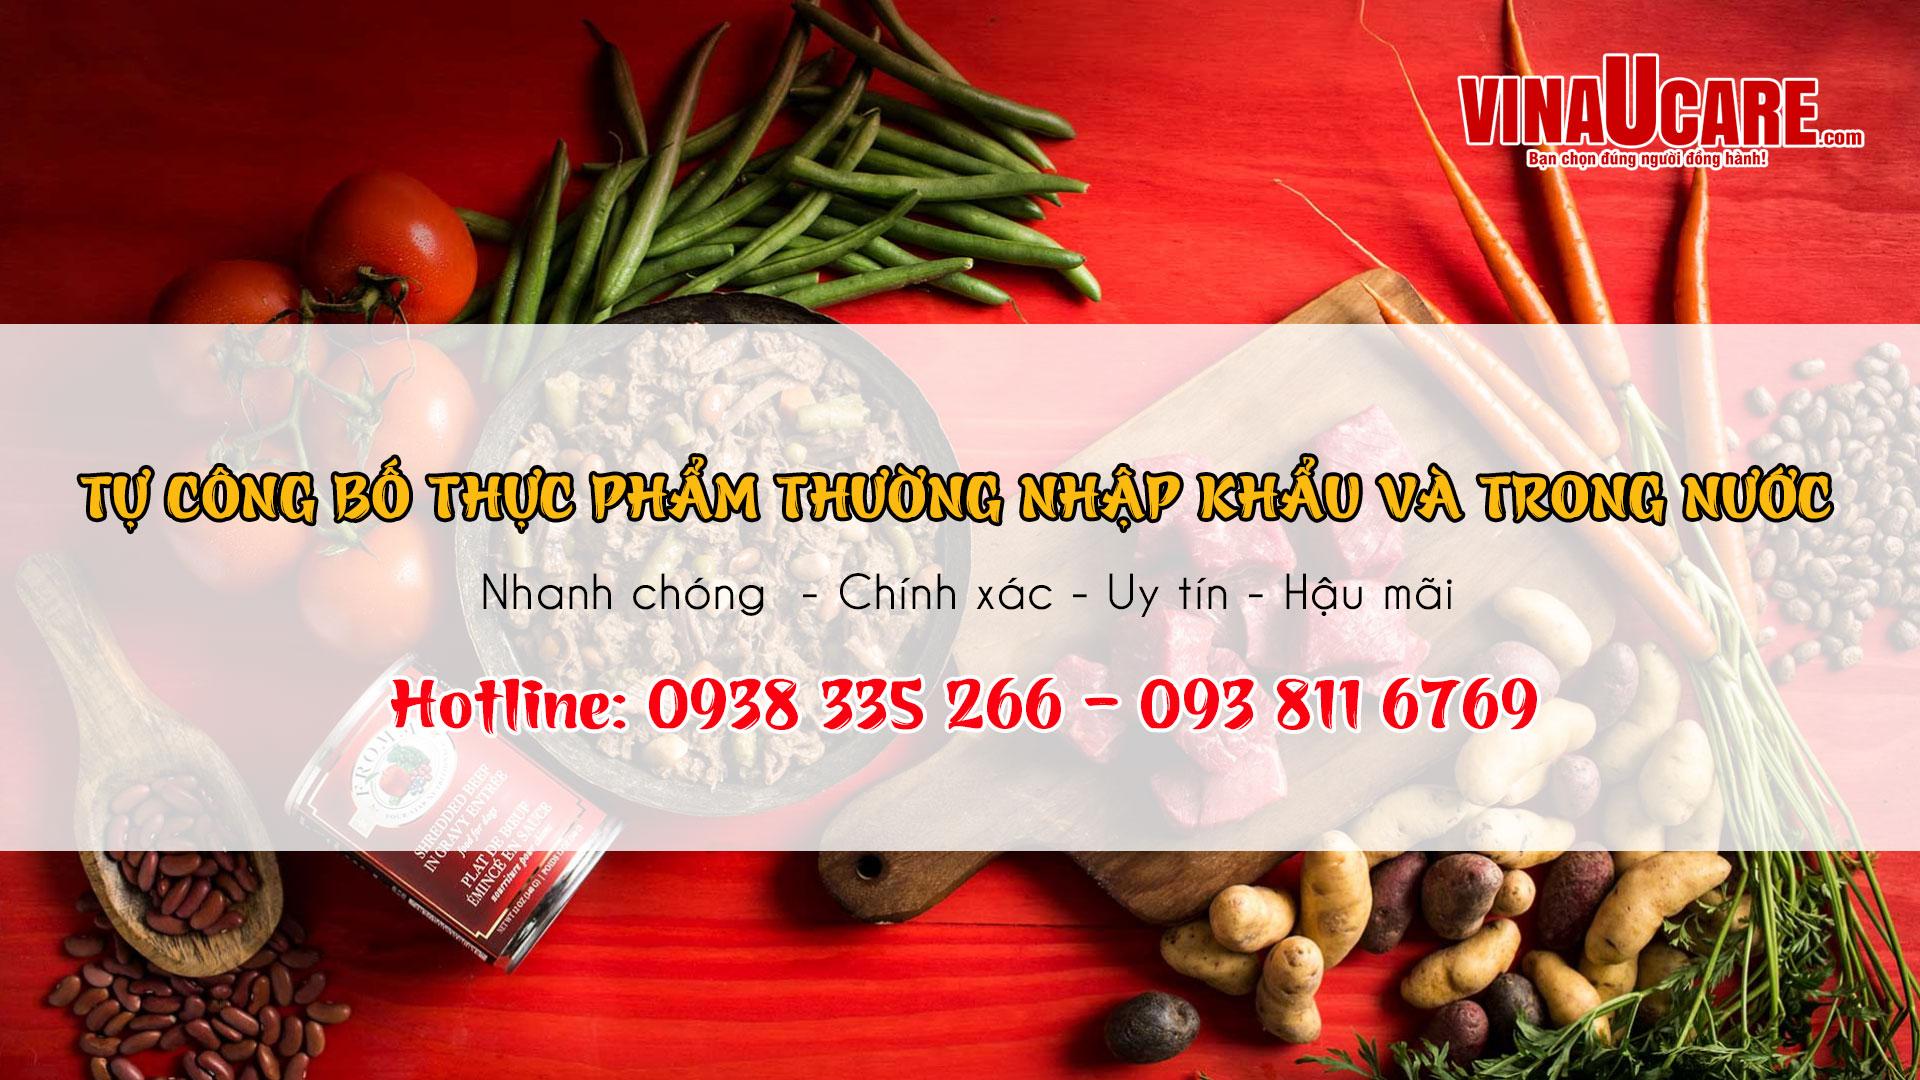 Dịch vụ tự công bố thực phẩm thường nhập khẩu và trong nước